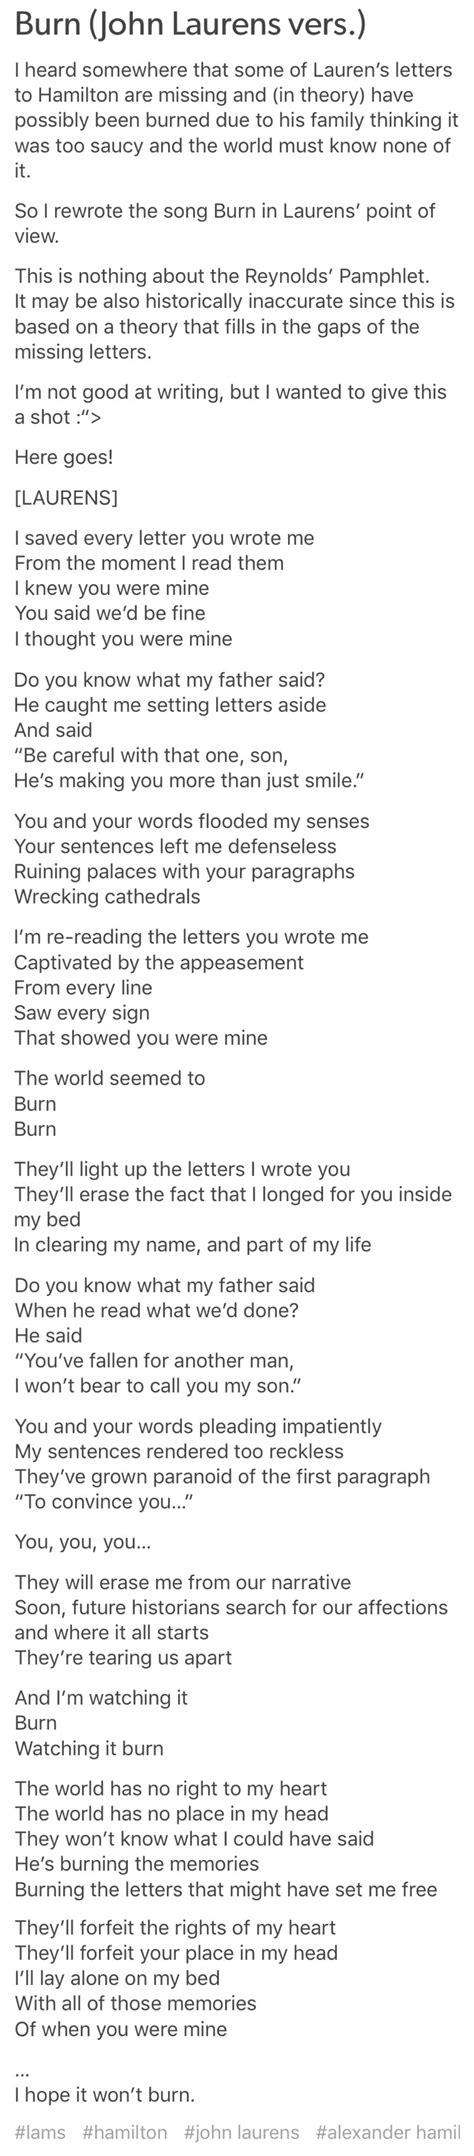 make me feel so tom s letters official song unіquе make me feel so tom s letters official song make 71617